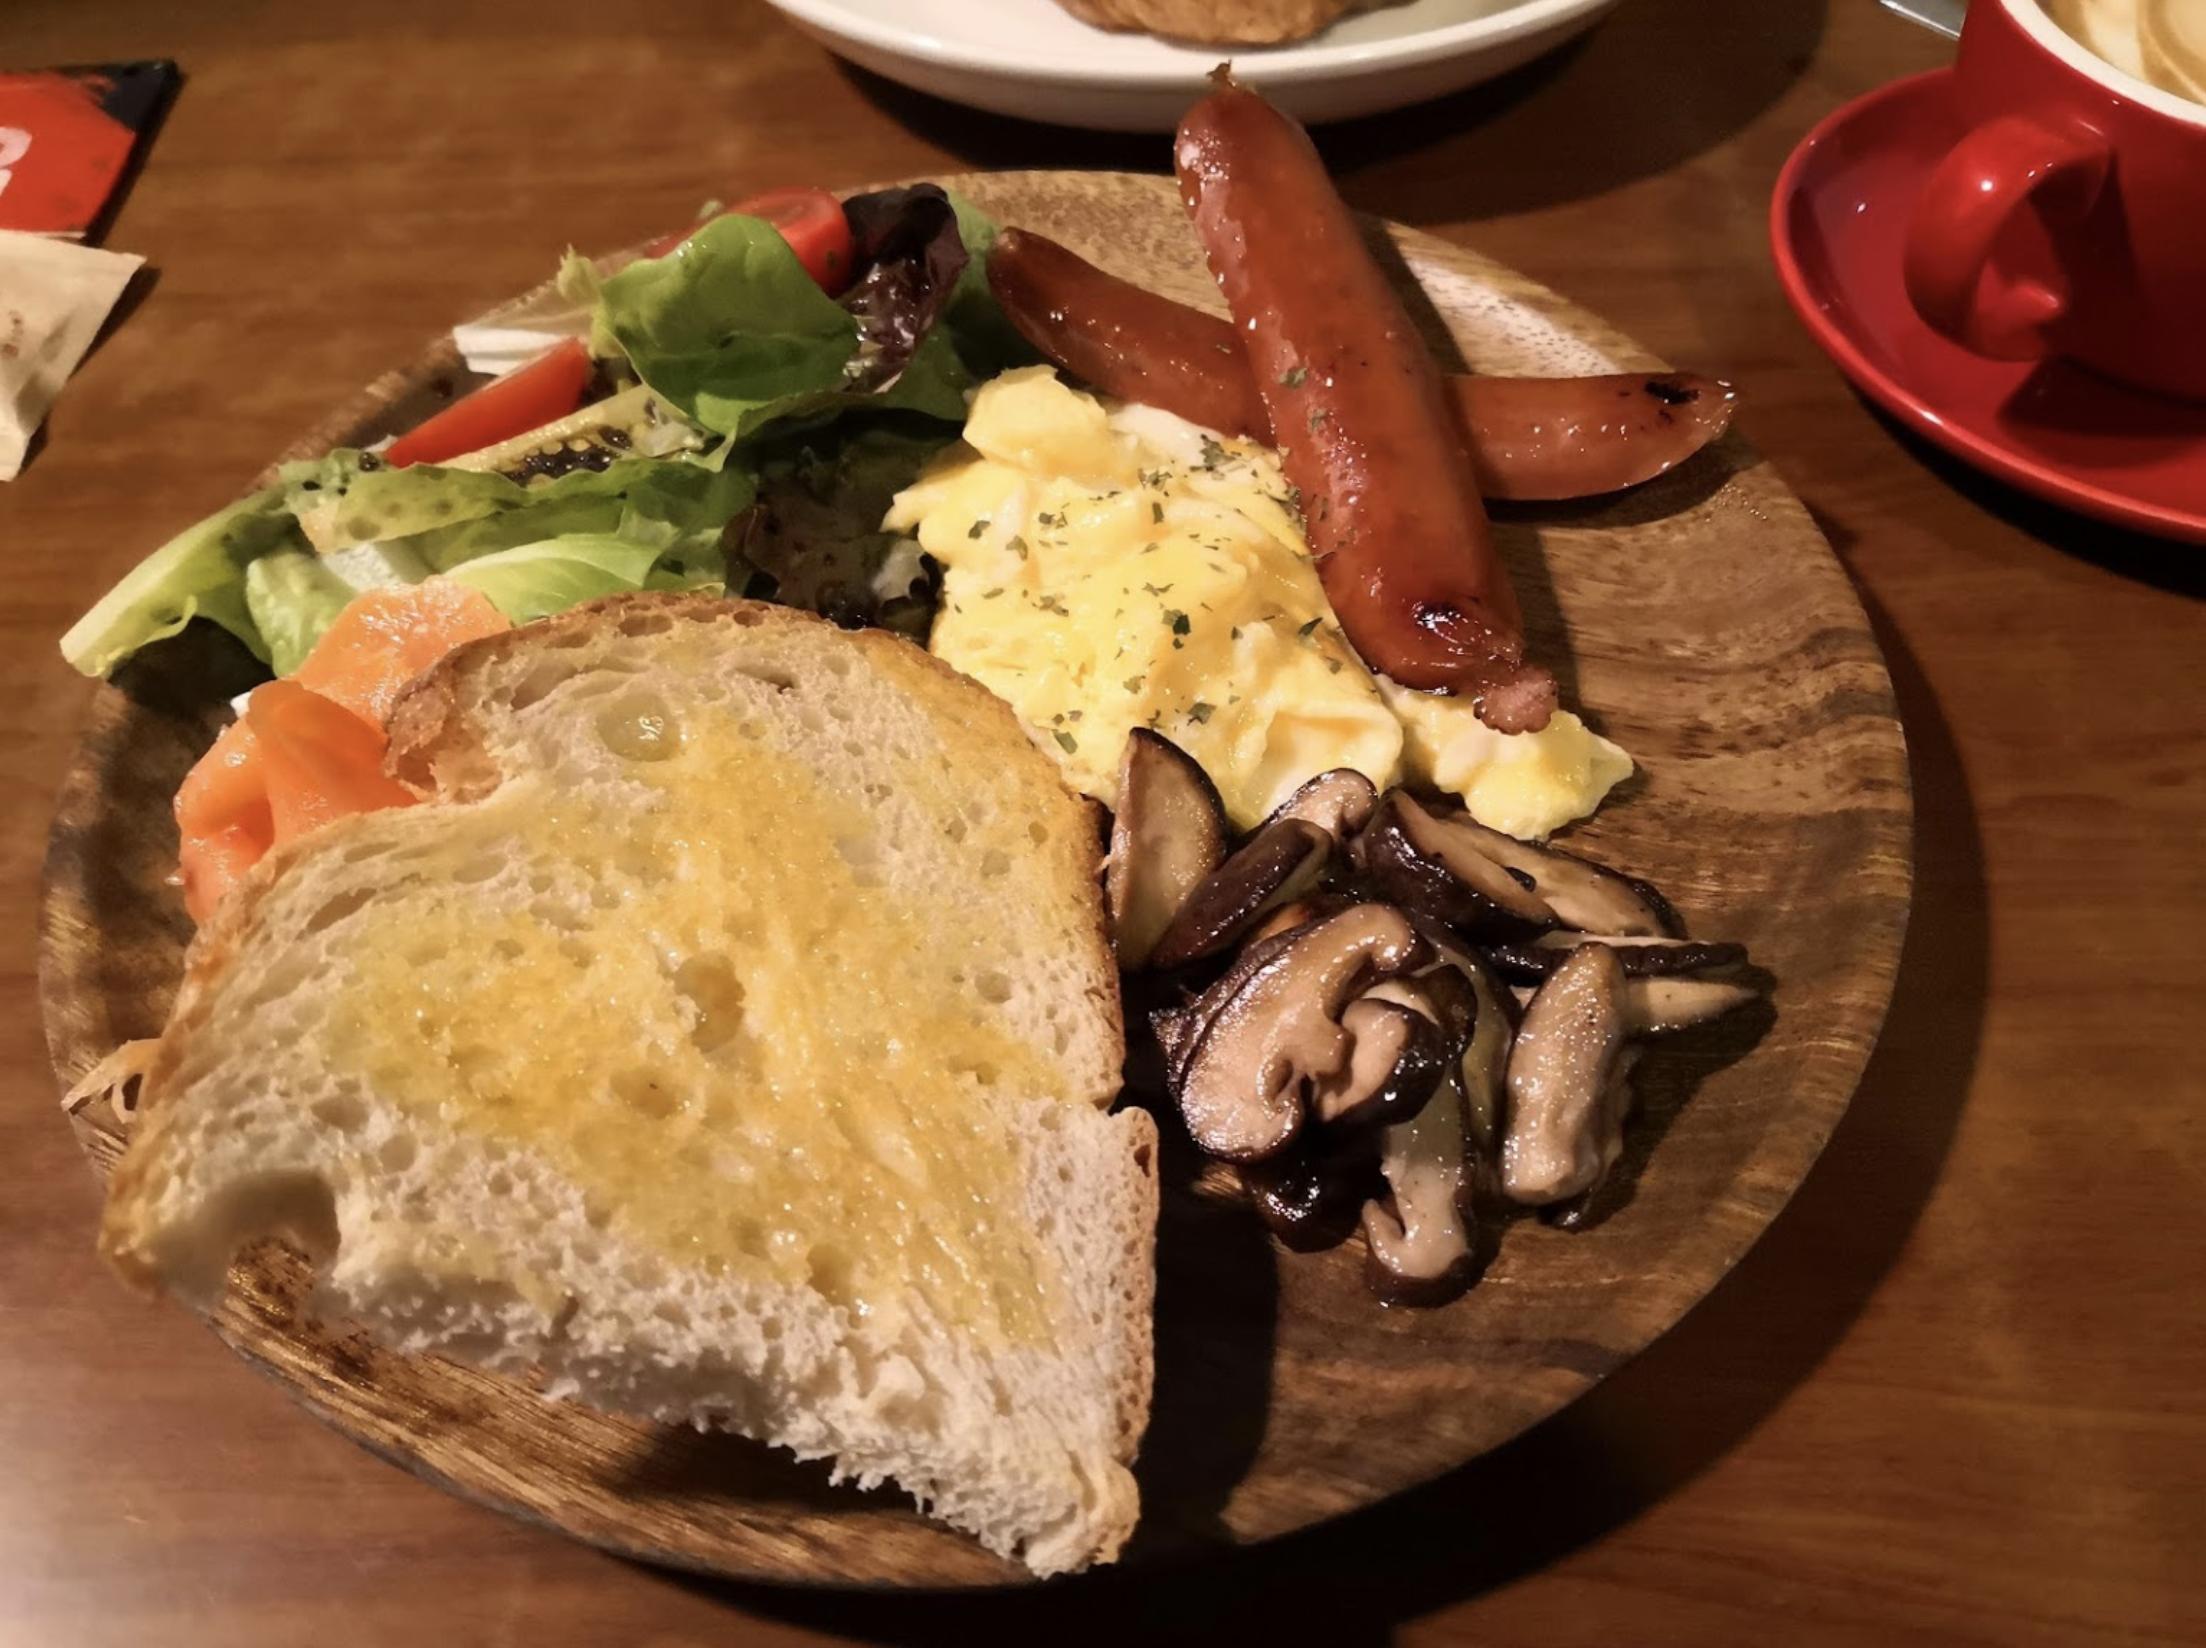 深水埗美食 / 黎到深水埗,可以去呢間咖啡店食個全日早餐先。配料都十分足夠,炒蛋食落好香口 / Café Sausalito / 全日早餐